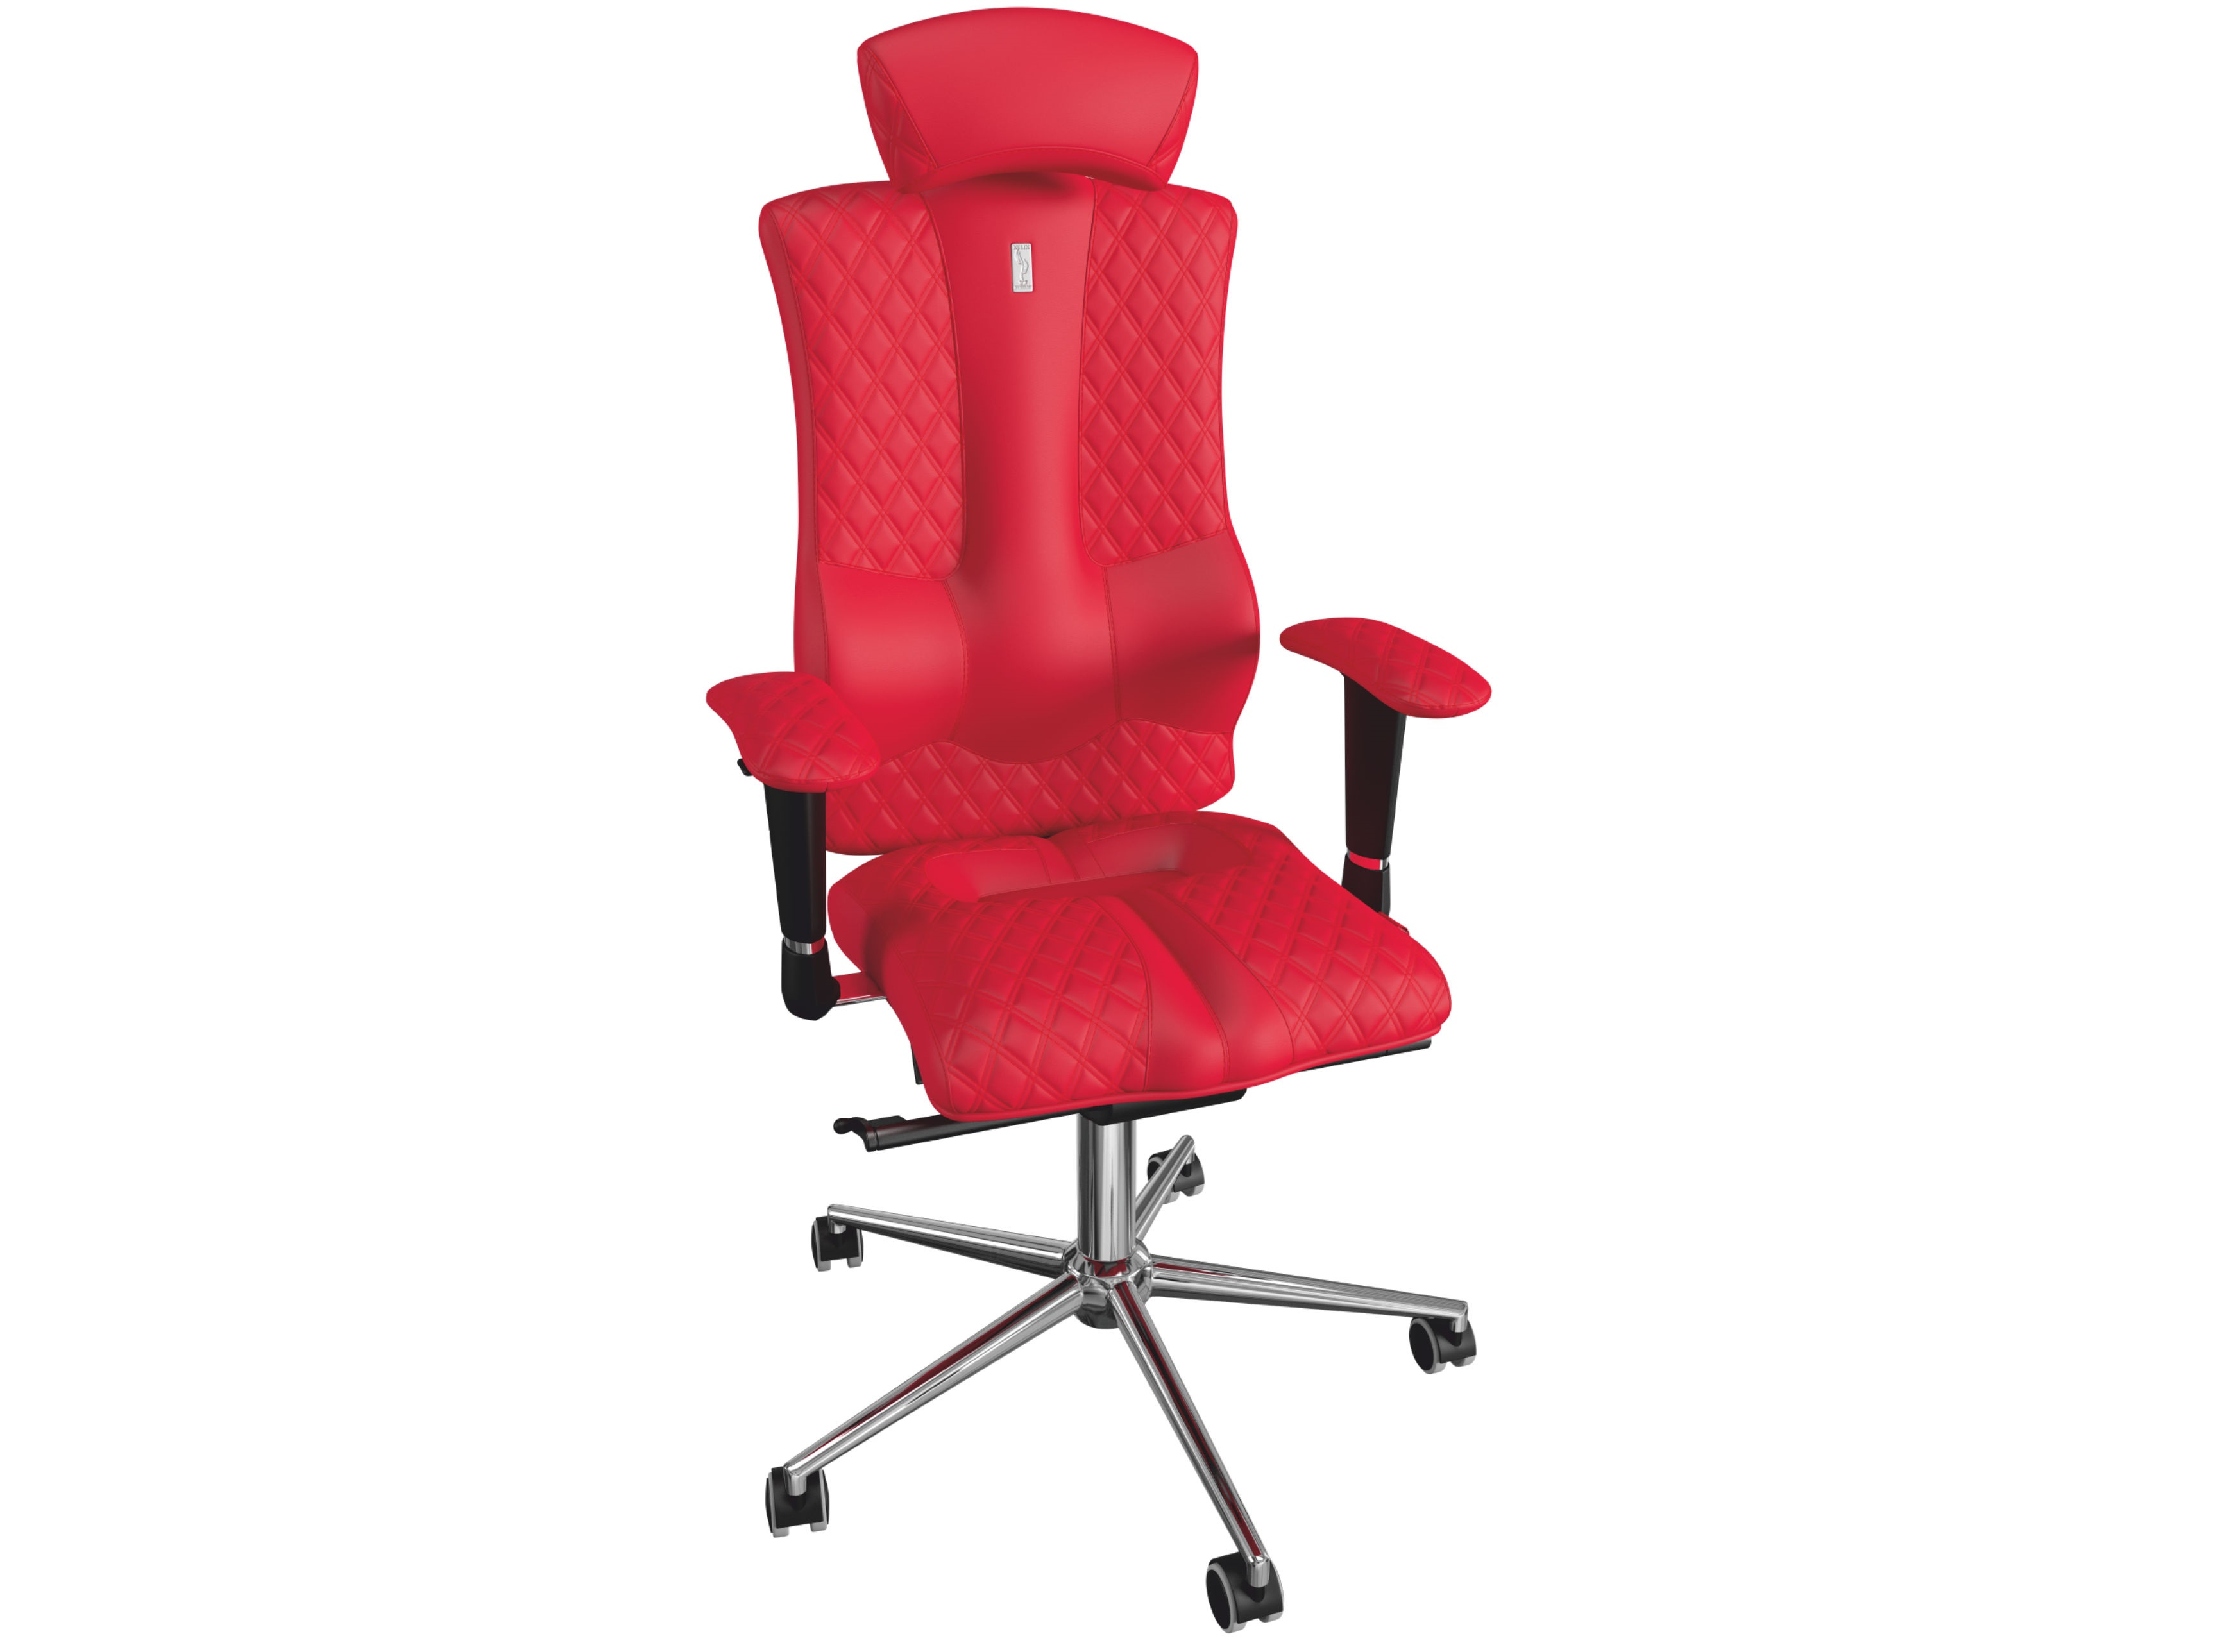 Кресло ELEGANCEРабочие кресла<br>&amp;lt;div&amp;gt;На это кресло невозможно не обратить внимание. Изысканный вид и благородная элегантность модели дарят его владельцу ощущение гармонии и совершенства. Такое кресло идеально впишется в любой интерьер, будь то самый современный офис или же уютный дом.&amp;amp;nbsp;&amp;lt;/div&amp;gt;&amp;lt;div&amp;gt;&amp;lt;br&amp;gt;&amp;lt;/div&amp;gt;&amp;lt;div&amp;gt;Дополнительная комплектация:&amp;amp;nbsp;&amp;lt;/div&amp;gt;&amp;lt;div&amp;gt;Эргономичный подголовник (+ или -), регулируемый по высоте и углу наклона.&amp;amp;nbsp;&amp;lt;/div&amp;gt;&amp;lt;div&amp;gt;Дизайнерский шов, перфорация на коже, заказ в другом материале (натуральная кожа, экокожа, азур, антара) и цвете из палитры образцов, комбинация DUO COLOR.&amp;amp;nbsp;&amp;lt;/div&amp;gt;&amp;lt;div&amp;gt;Информацию по стоимости уточняйте у менеджера.&amp;lt;/div&amp;gt;&amp;lt;br&amp;gt;<br>&amp;lt;iframe width=&amp;quot;500&amp;quot; height=&amp;quot;320&amp;quot; src=&amp;quot;https://www.youtube.com/embed/rVUBVqGv1ts&amp;quot; frameborder=&amp;quot;0&amp;quot; allowfullscreen=&amp;quot;&amp;quot;&amp;gt;&amp;lt;/iframe&amp;gt;<br><br>Material: Кожа<br>Ширина см: 62.0<br>Высота см: 133.0<br>Глубина см: 57.0